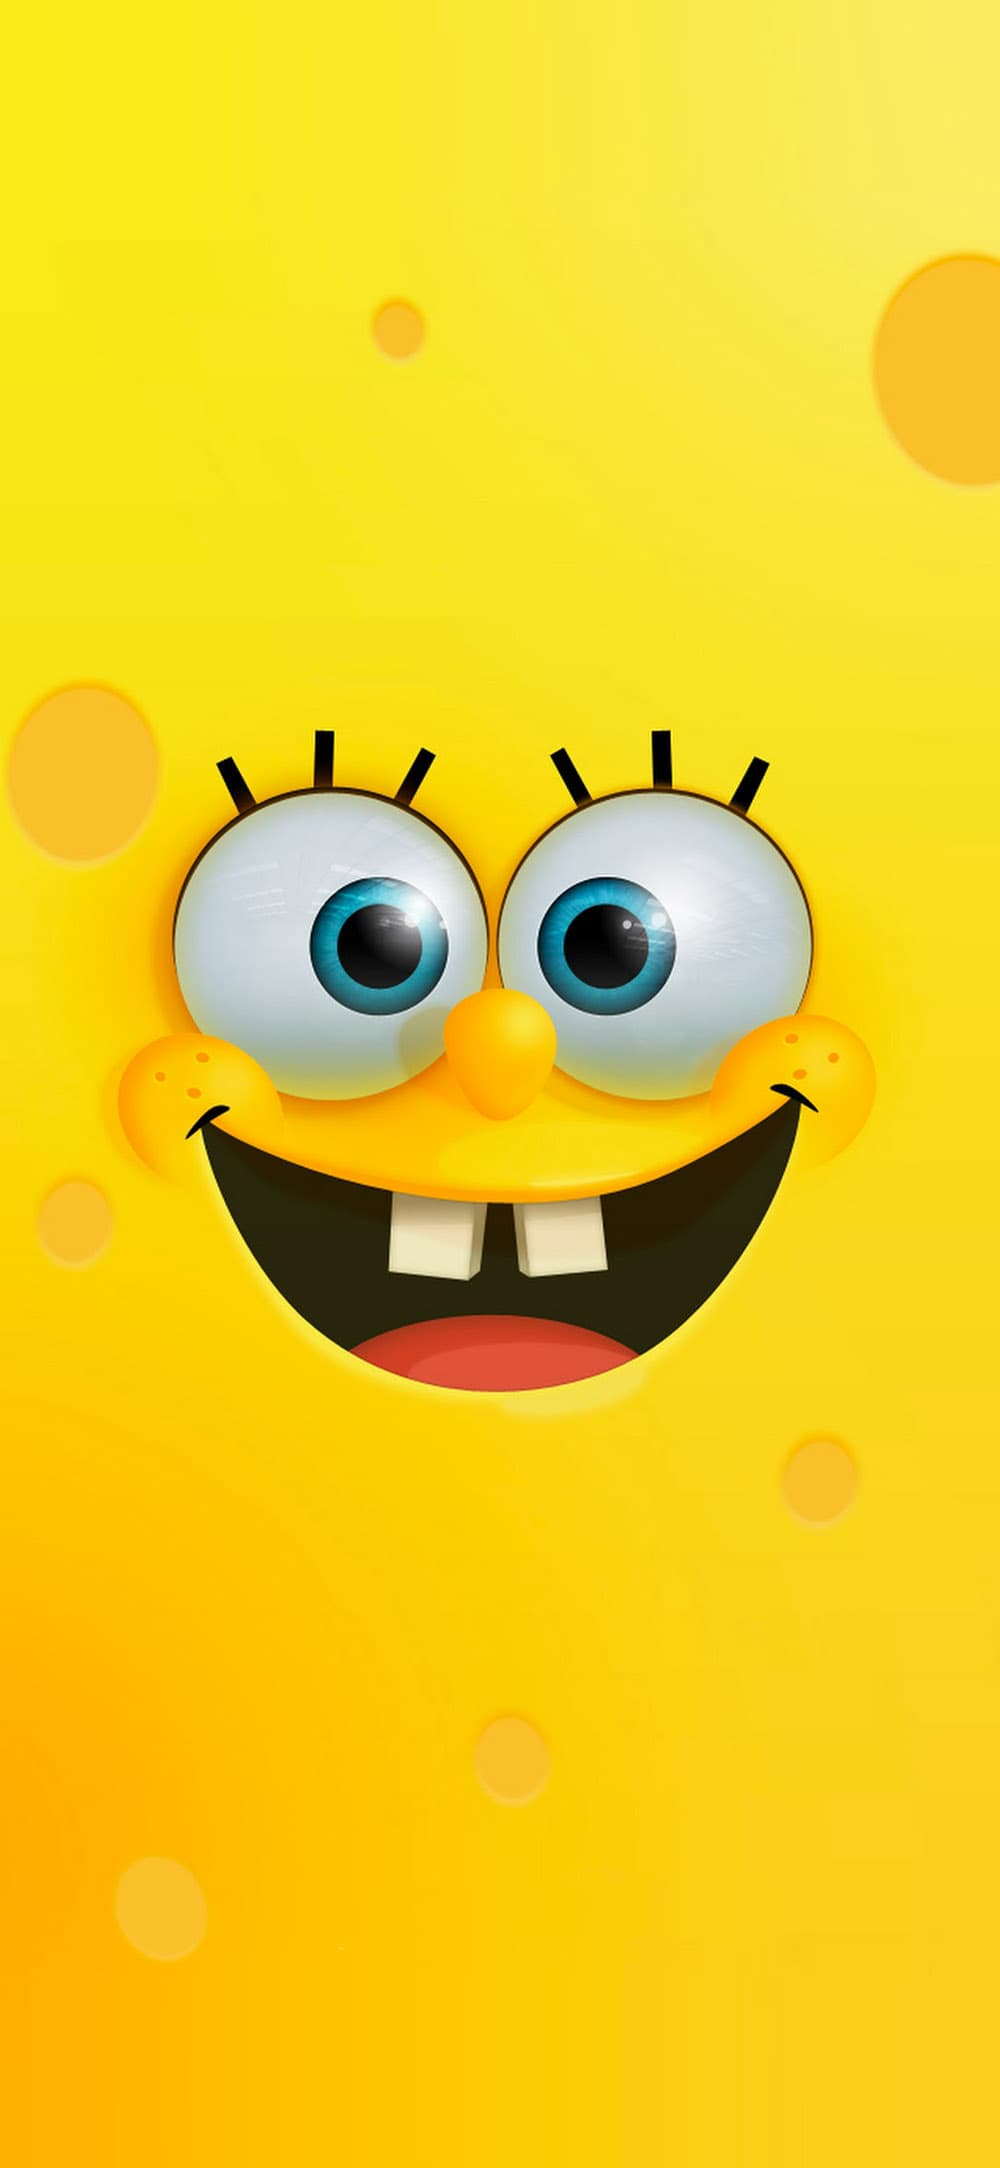 اجمل خلفيات الايفون بجودة Hd Iphone Wallpaper Spongebob Iphone Wallpaper 3d Wallpaper Iphone Cartoon Wallpaper